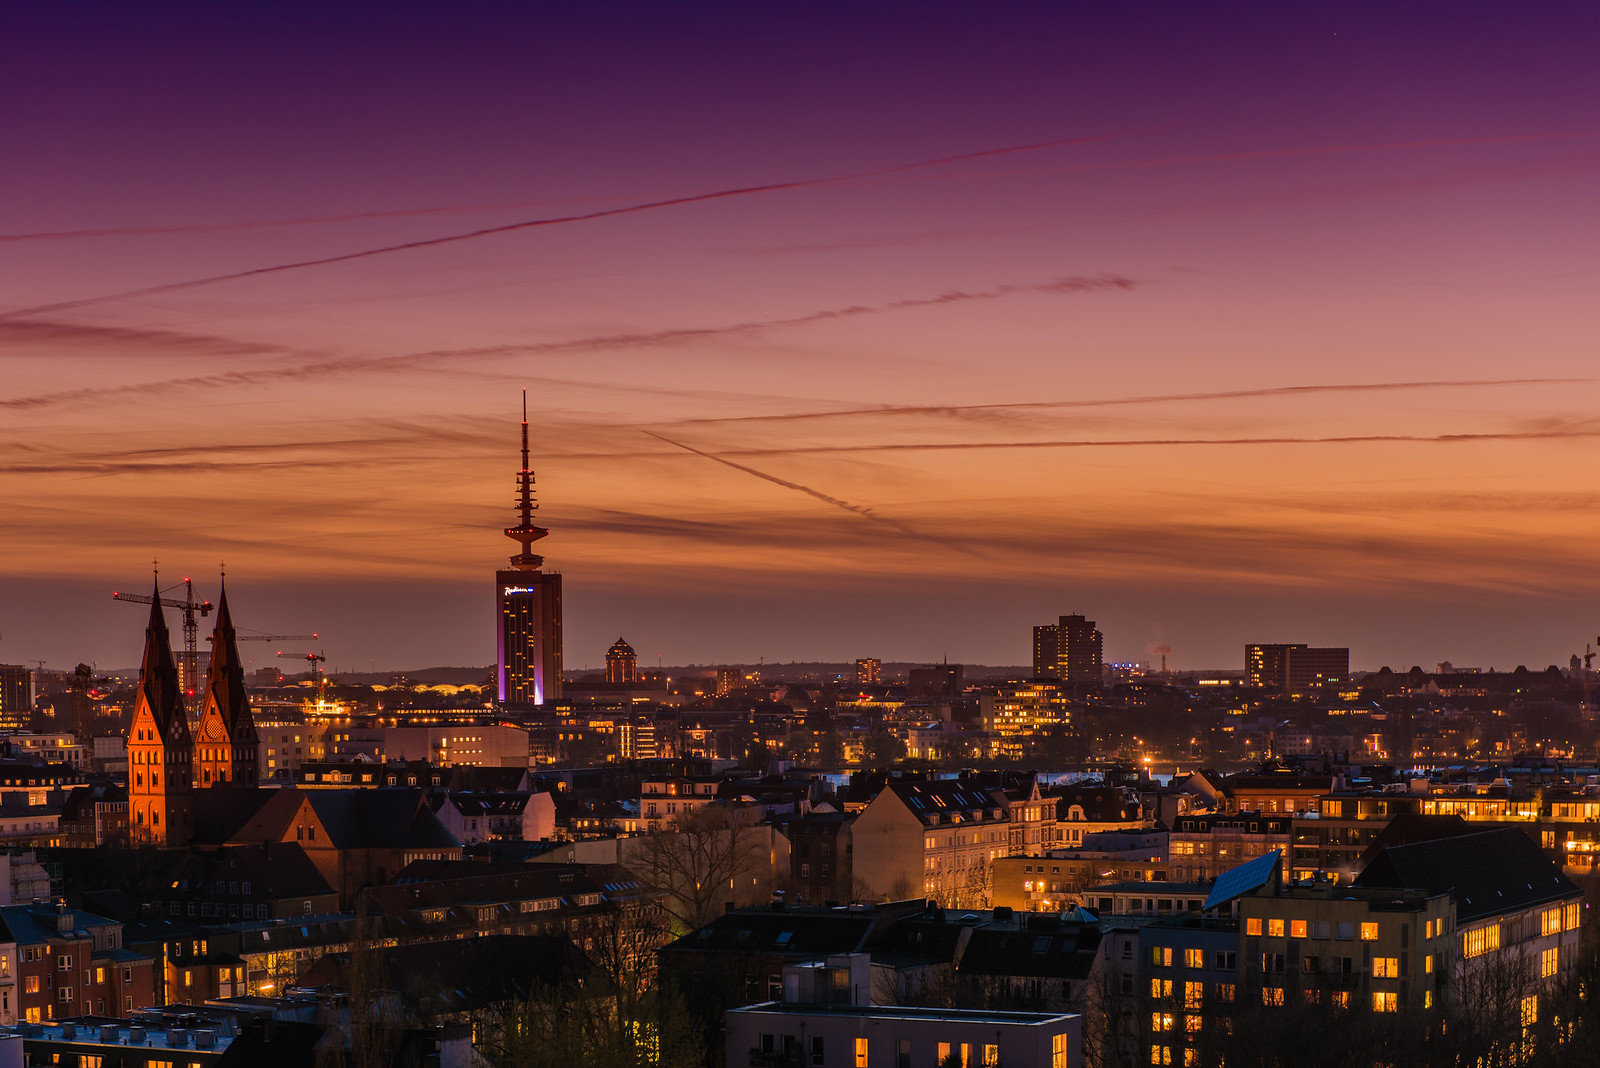 Гамбург. Немного фото из поездки.